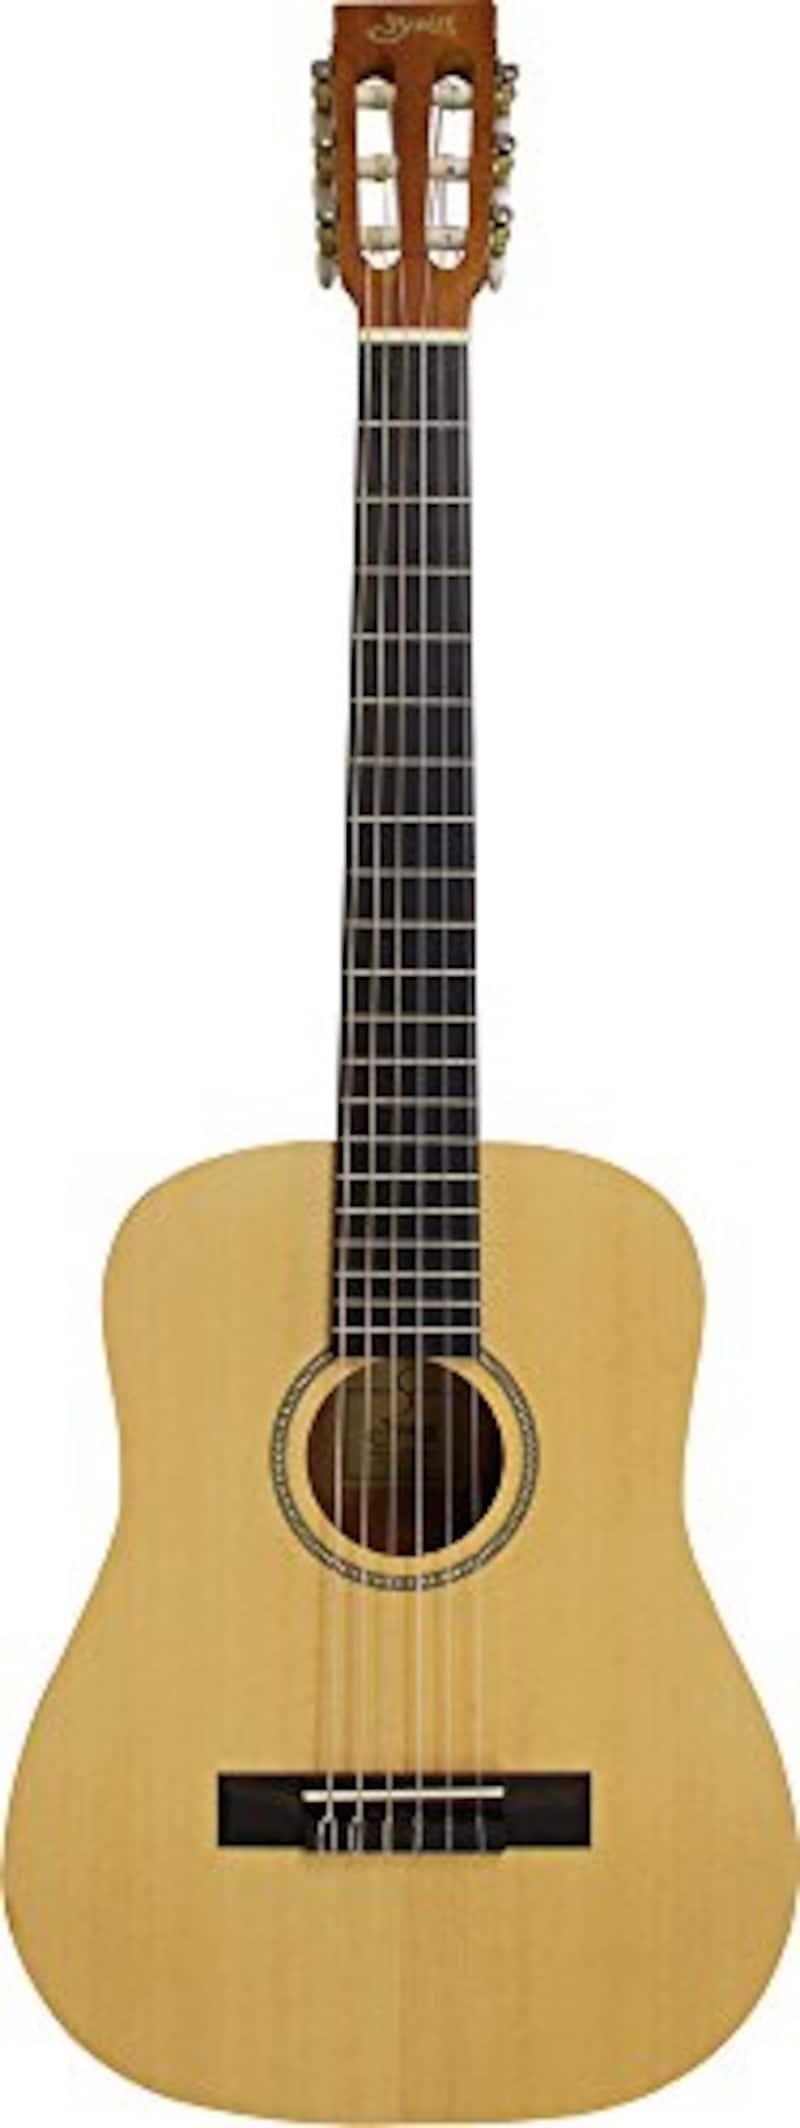 S.Yairi(ヤイリ),Compact Acoustic Series ミニクラシックギター YCM-02/NTL ,YCM-02